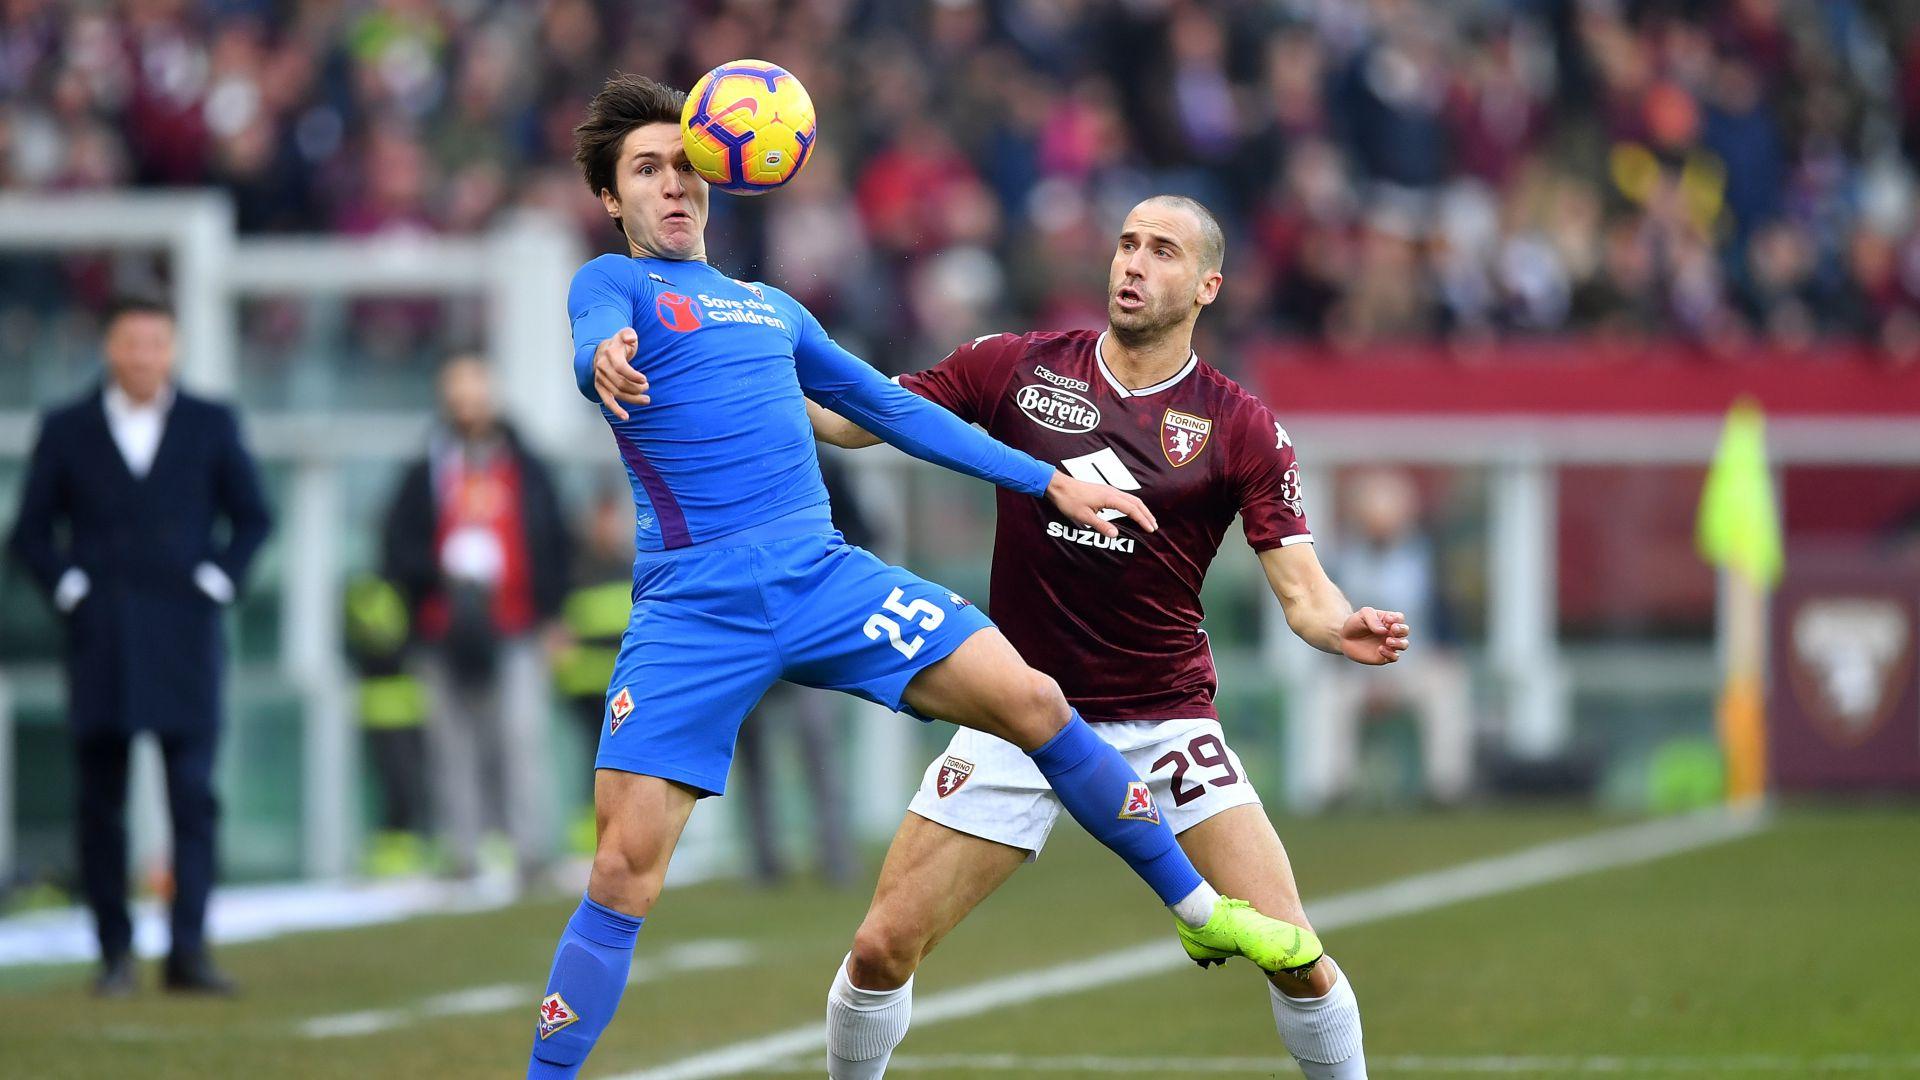 Federico Chiesa Lorenzo De Silvestri Torino Fiorentina Coppa Italia